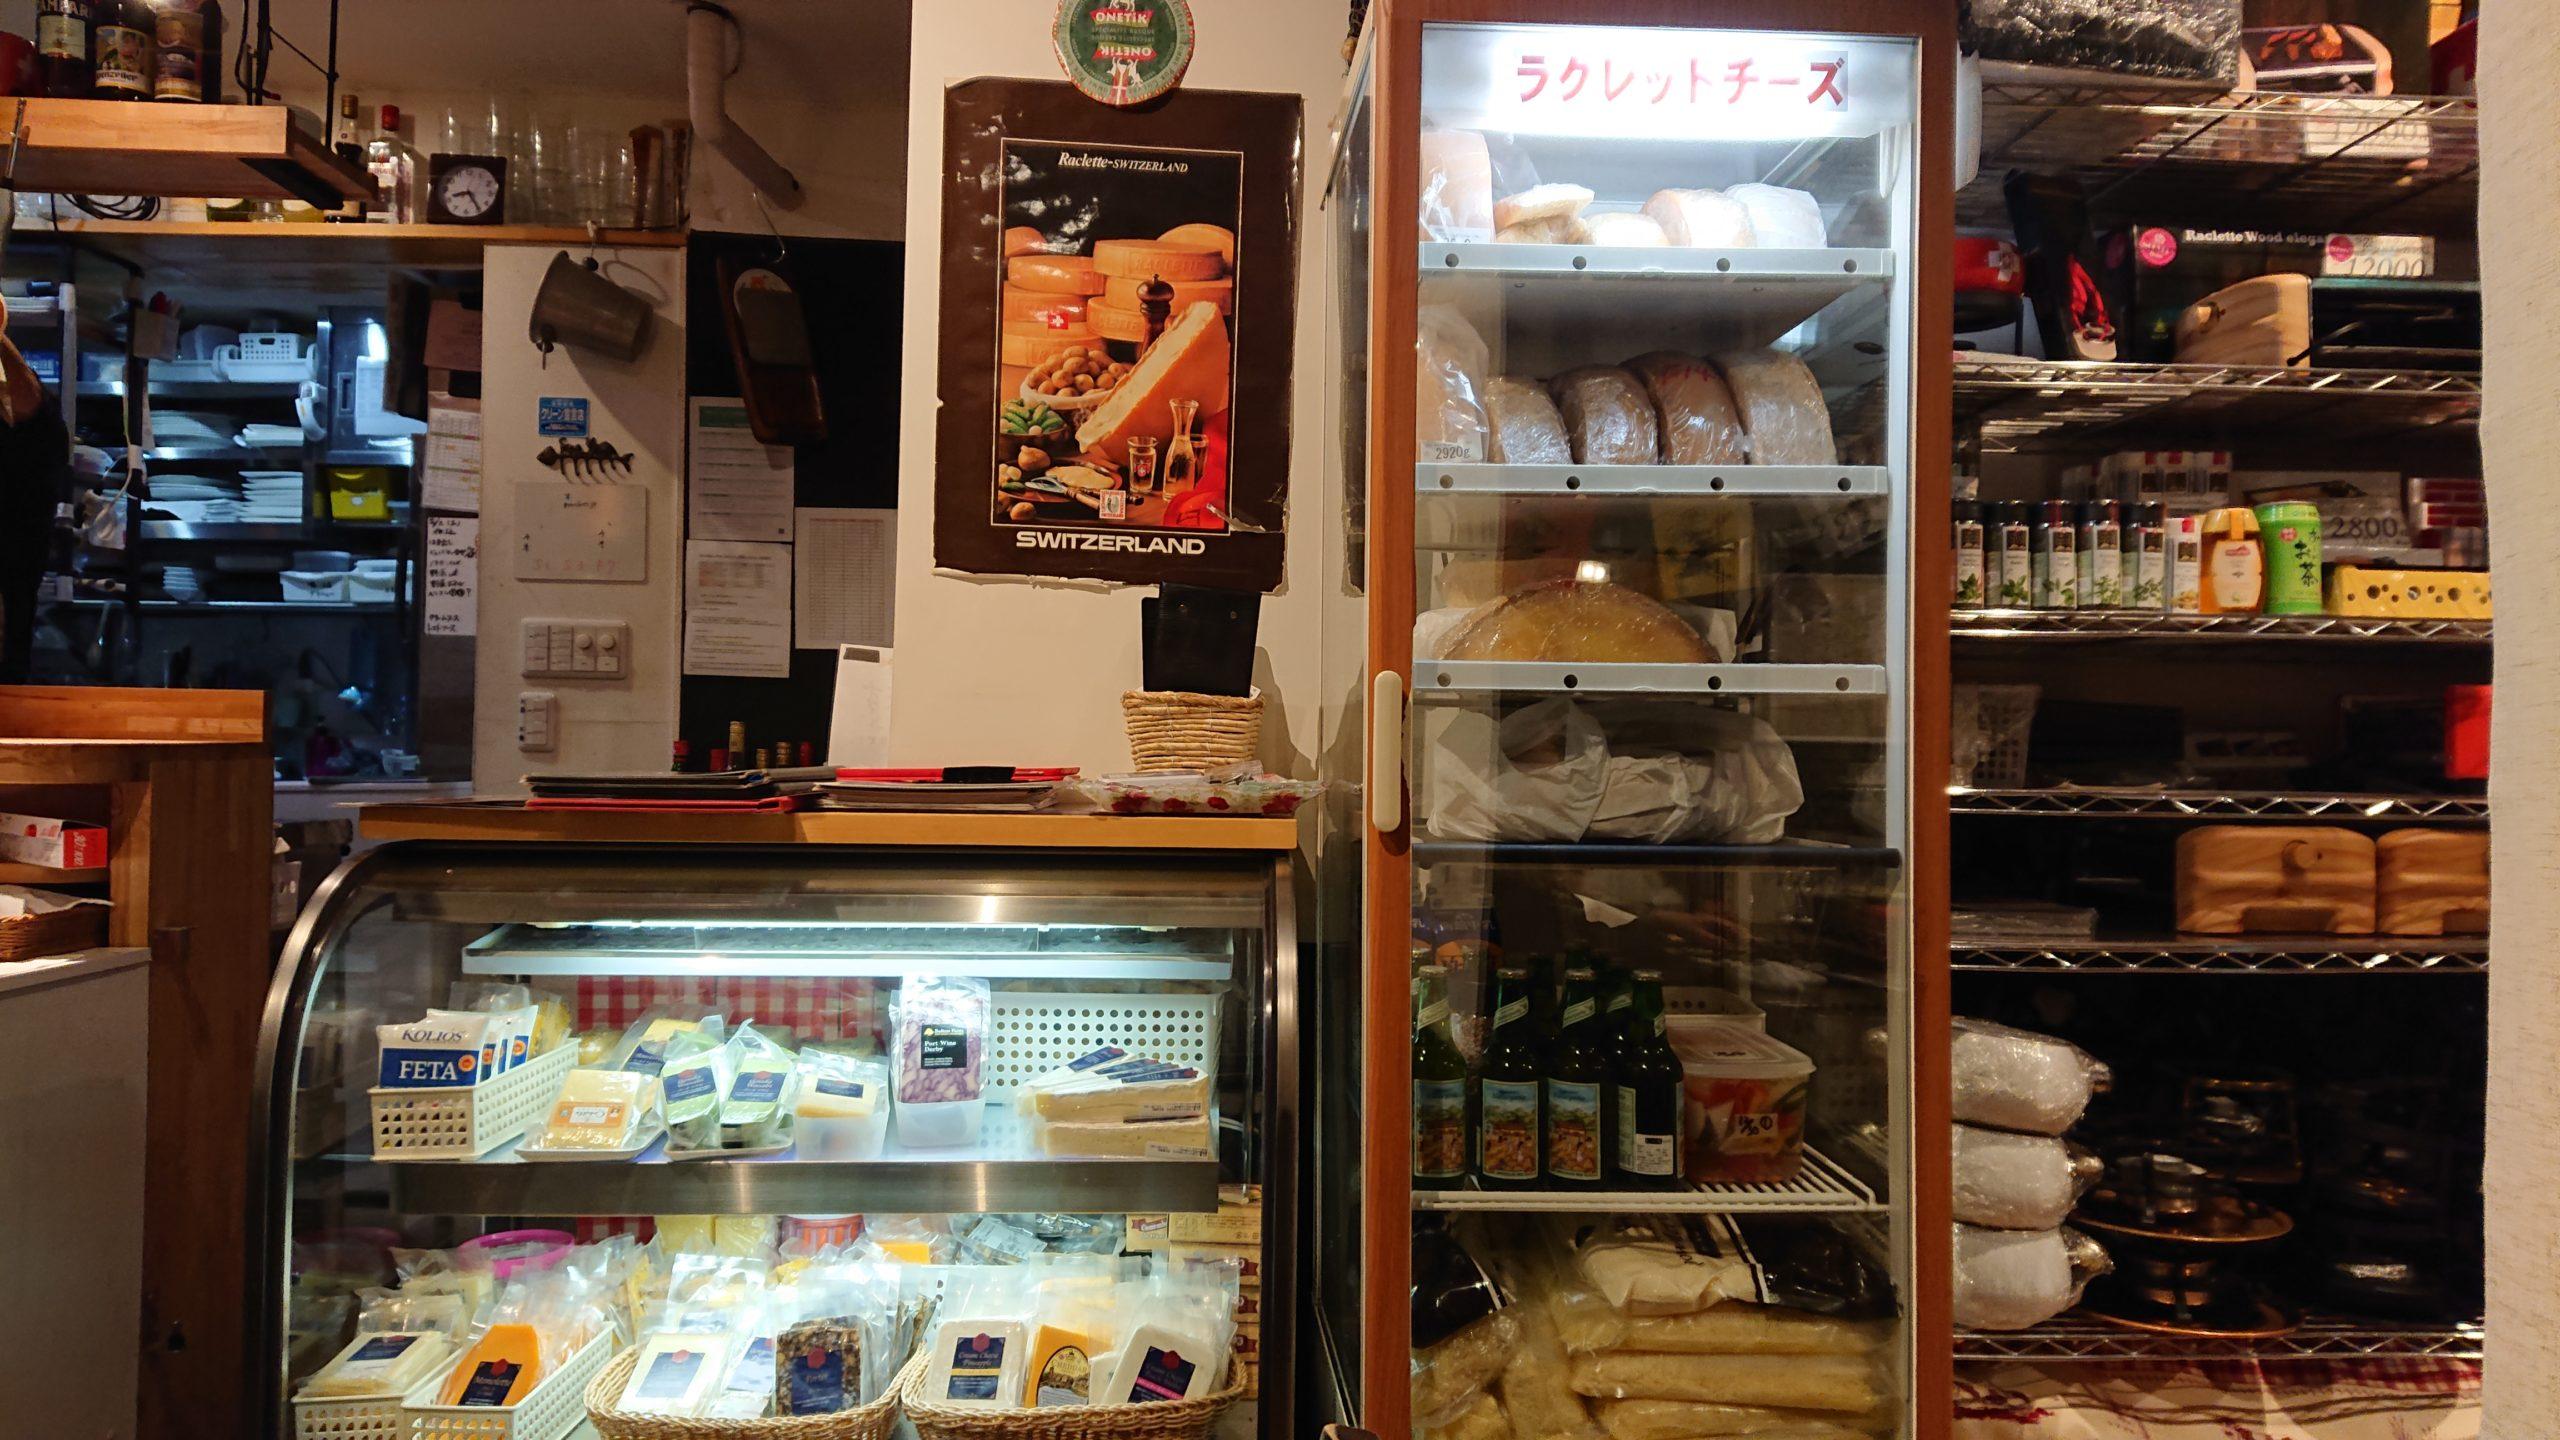 湯島天神横のラクレットグリル、スイス料理とスイスワインのお店のショーケース